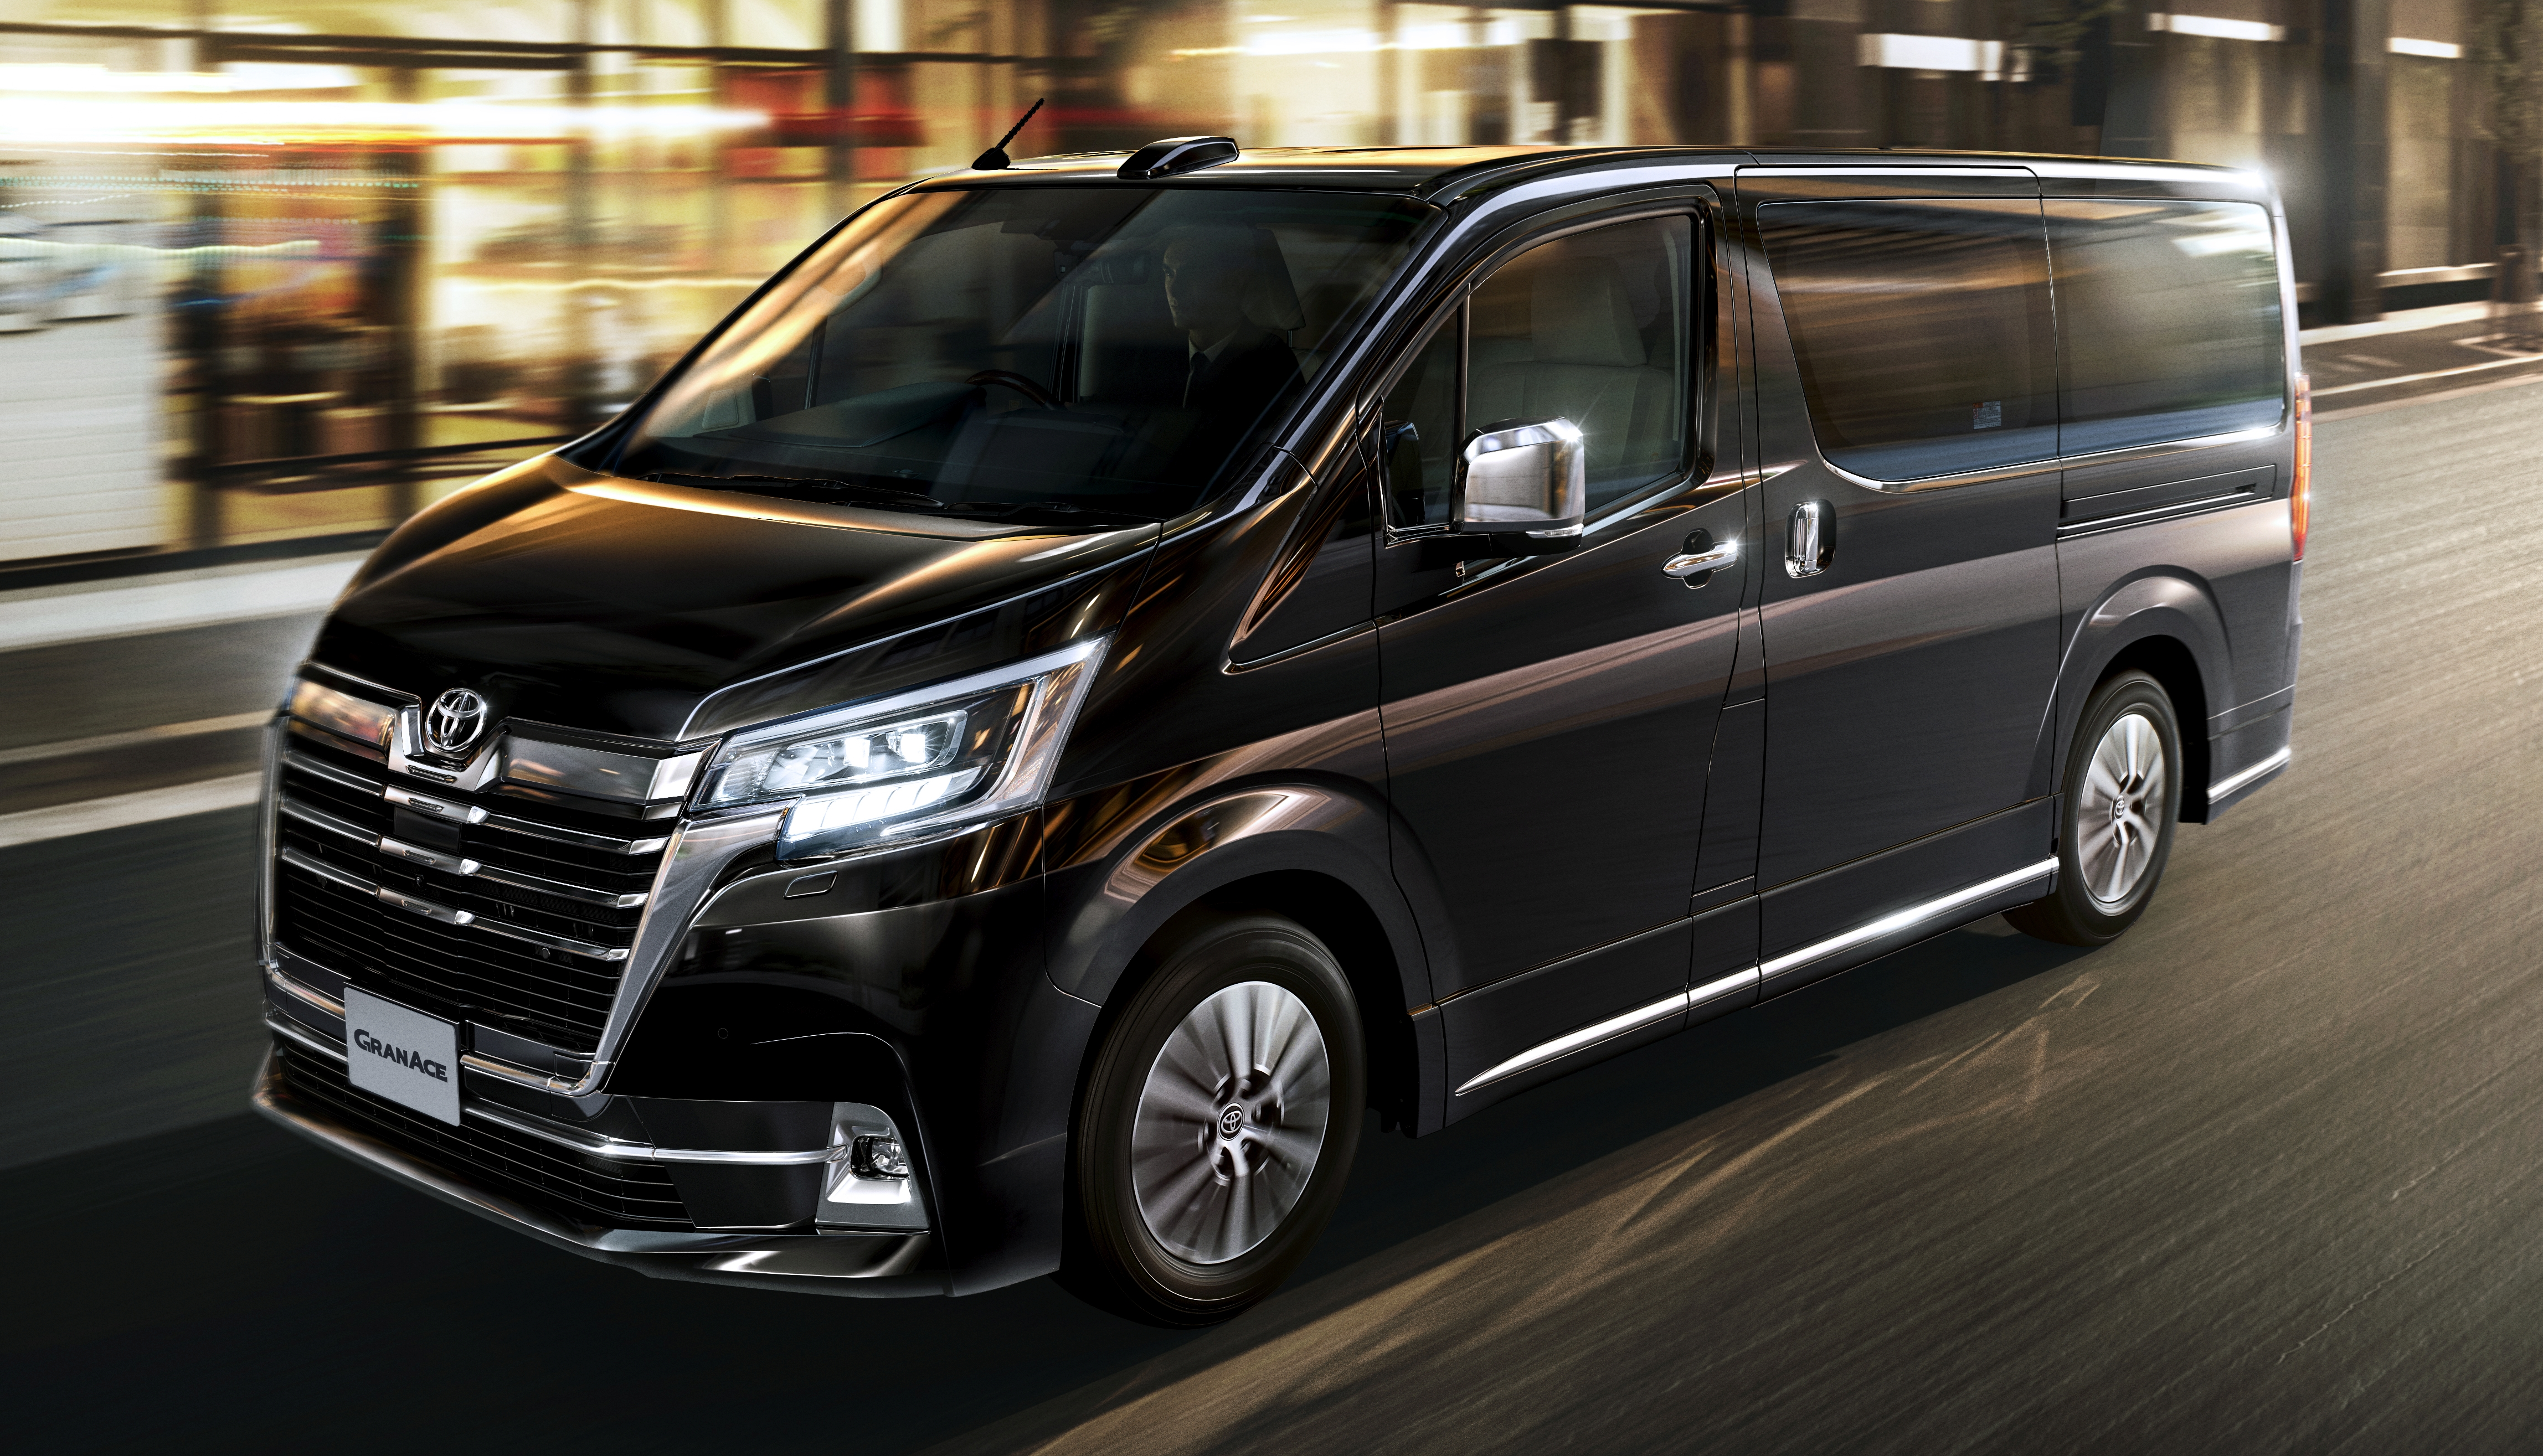 MPV hạng sang Toyota GranAce chốt giá từ 57.000 USD